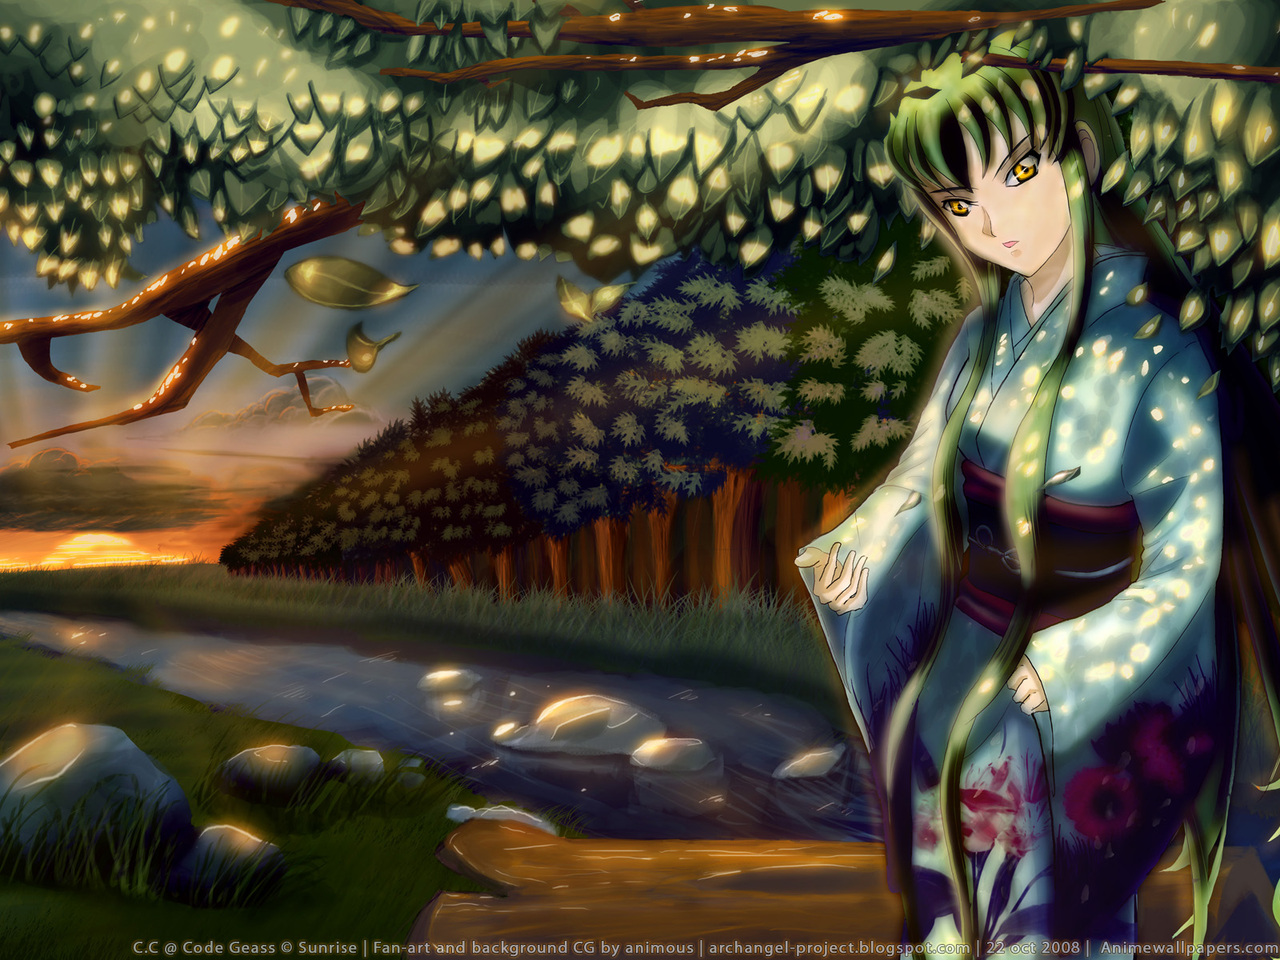 Code Geass Anime Wallpaper # 11